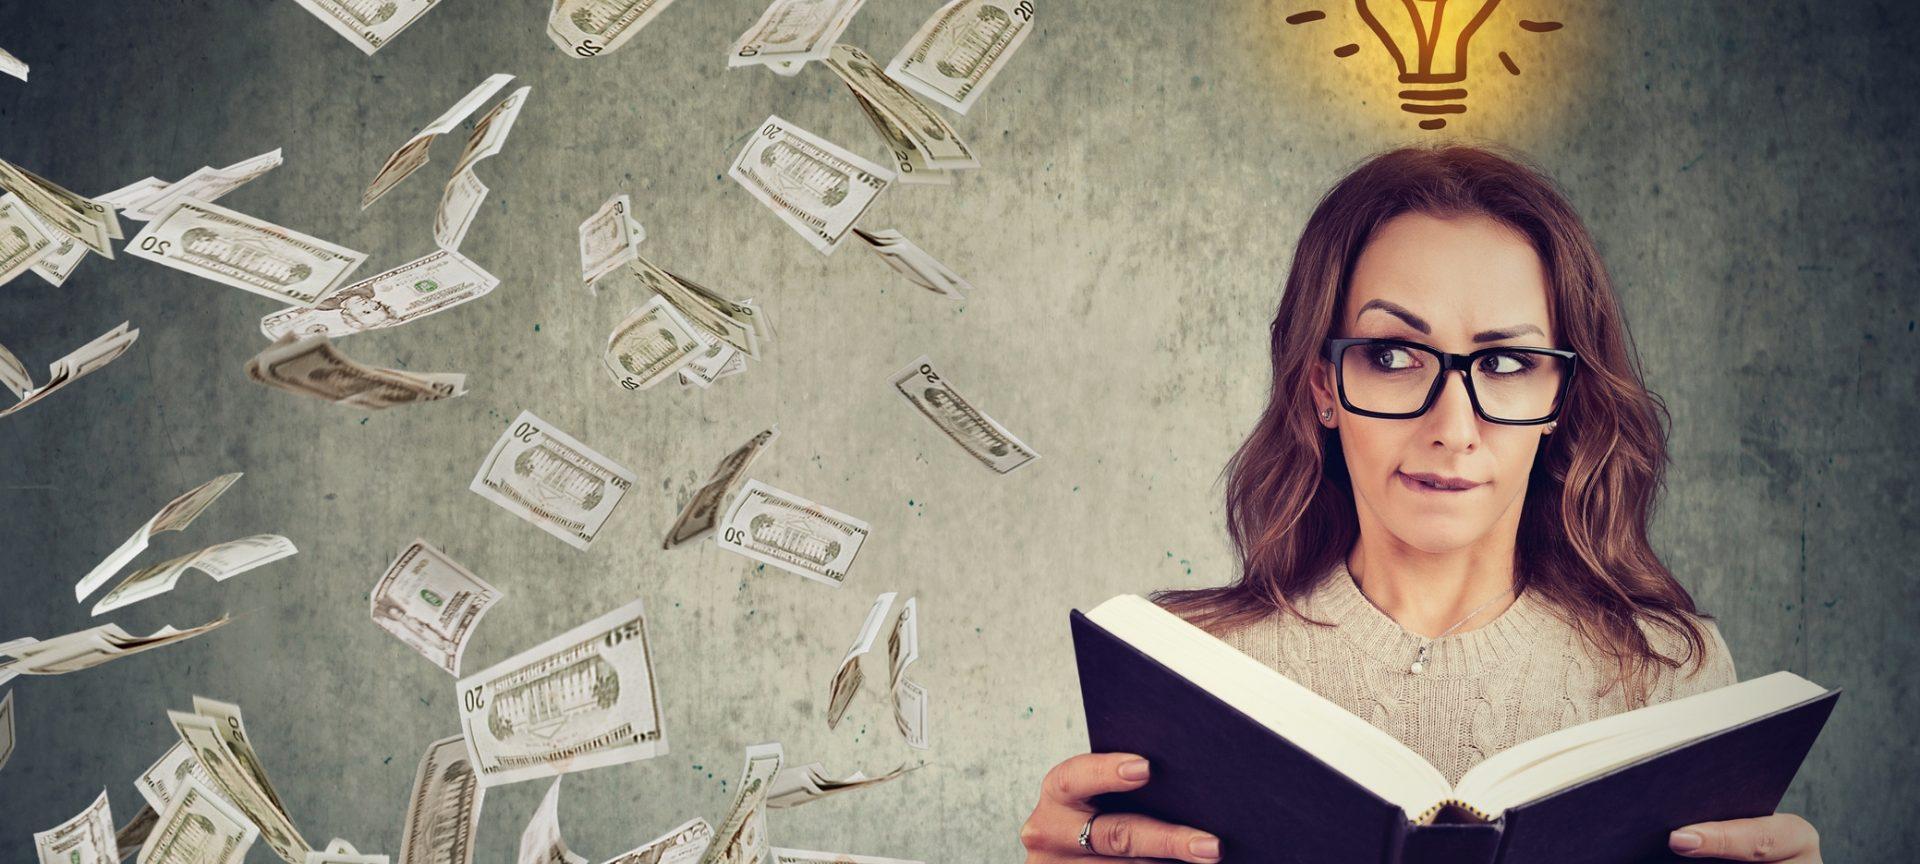 cum puteți face bani pentru afacerea dvs